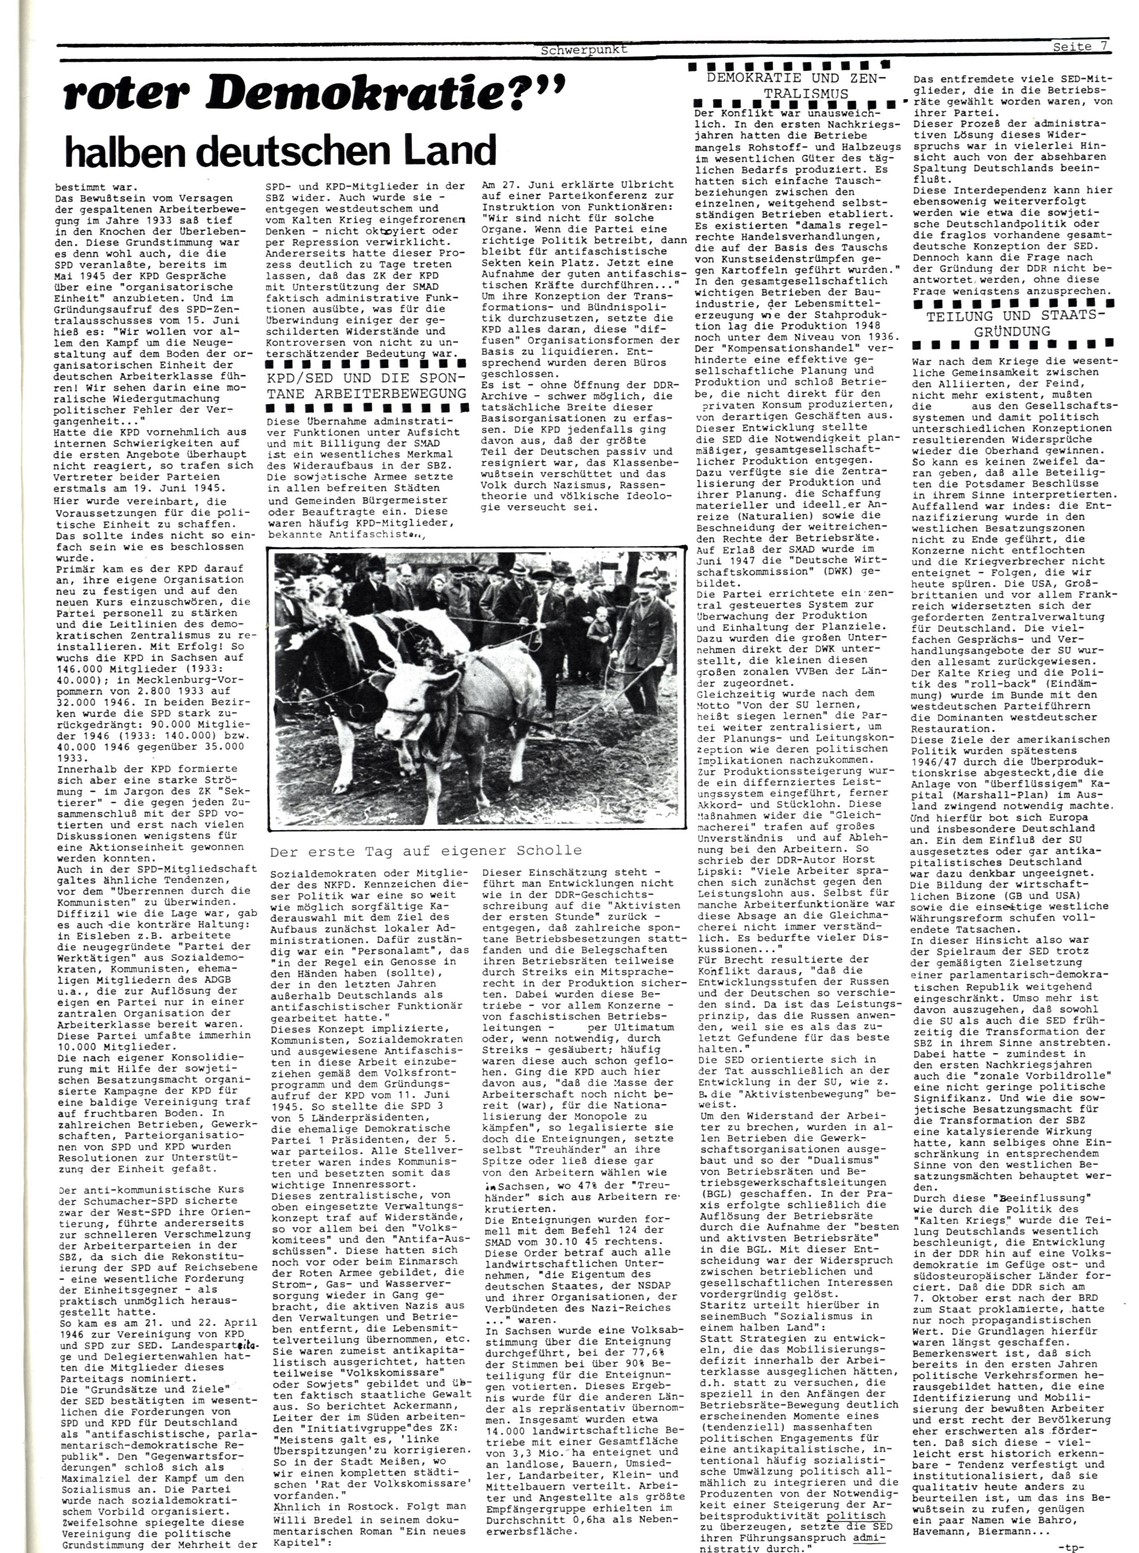 Bonner_Volksblatt_28_19791003_07